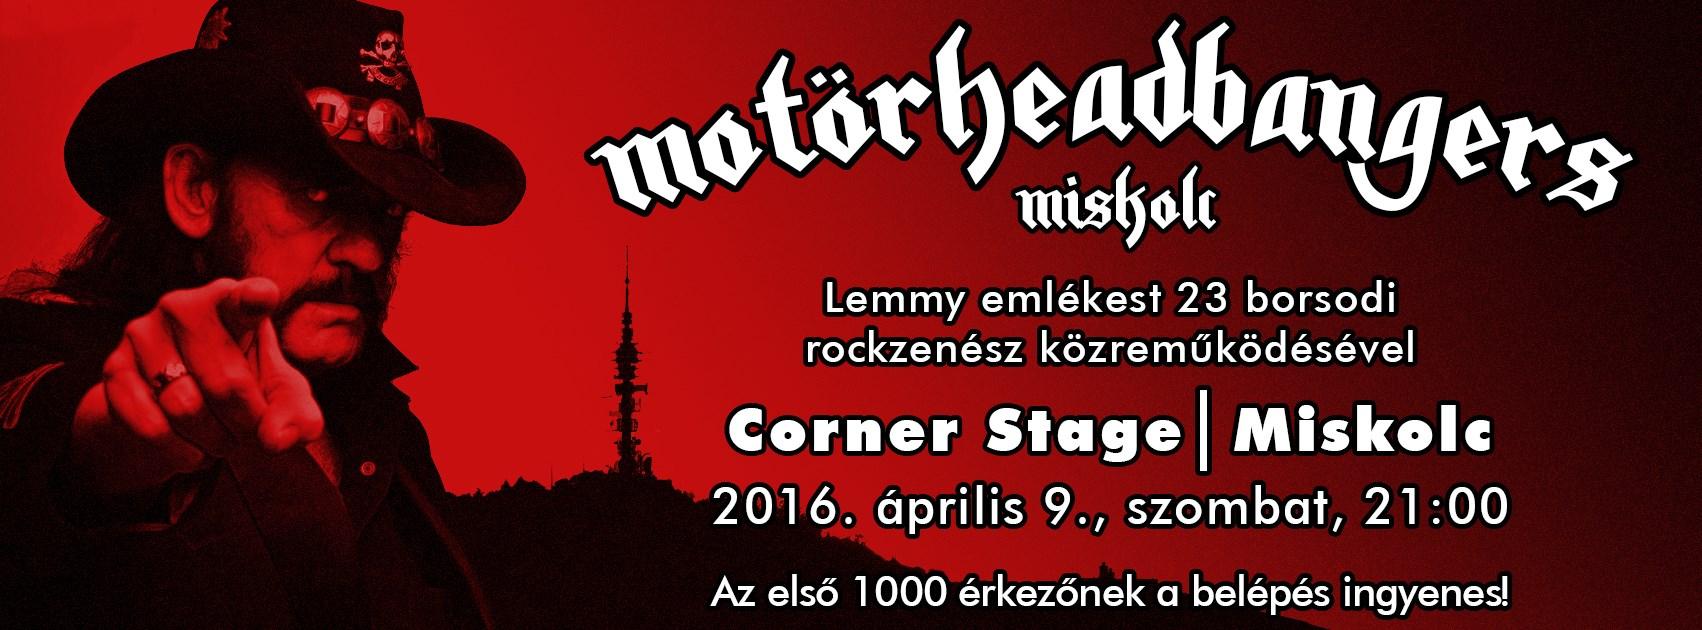 """""""Metál az ész!"""" - Motörhead-est Miskolcon"""